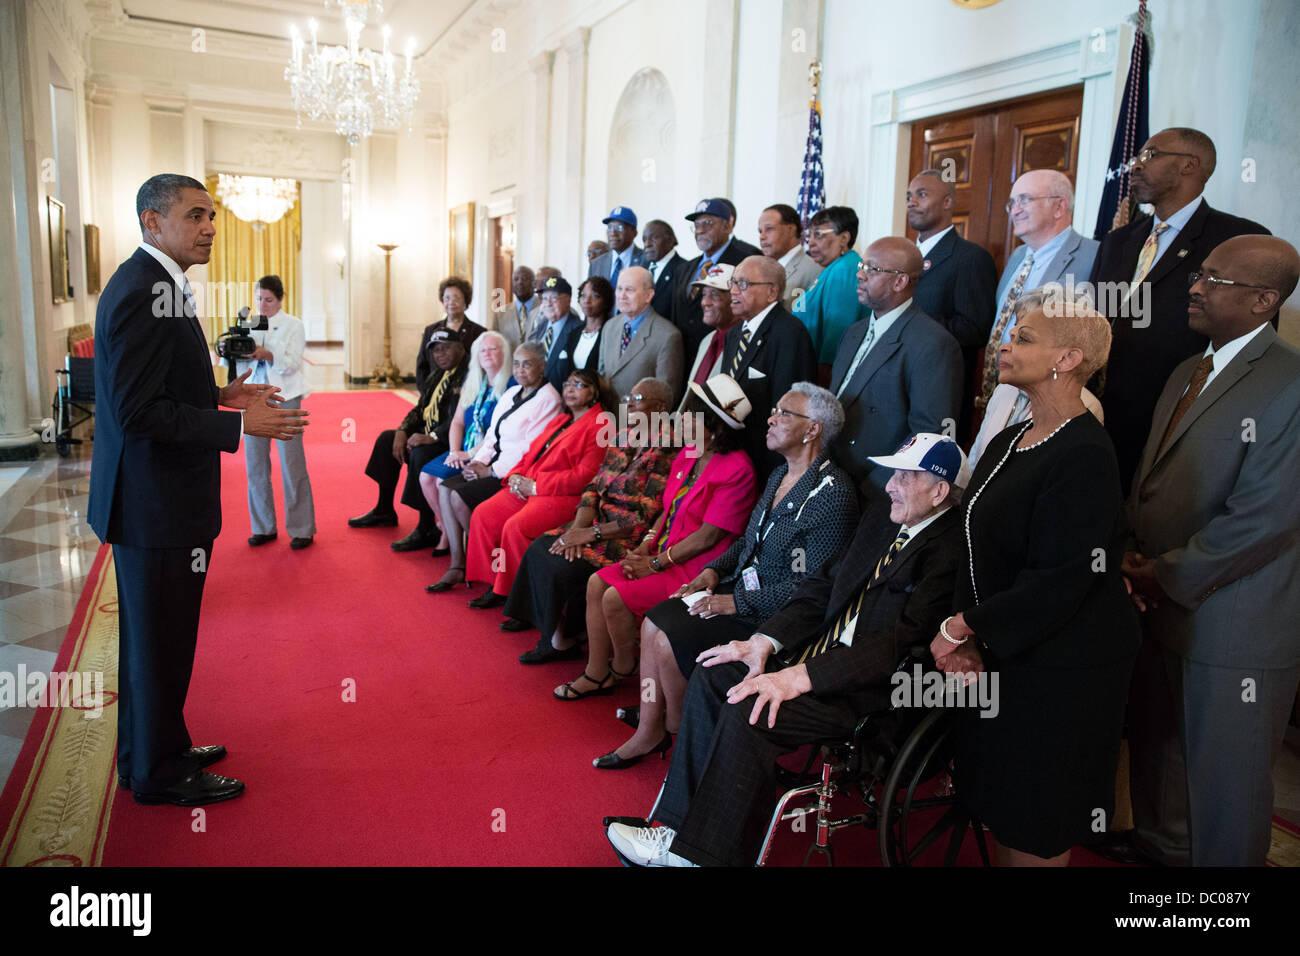 Le président américain Barack Obama rencontre avec d'anciens Negro league baseball players dans le Photo Stock